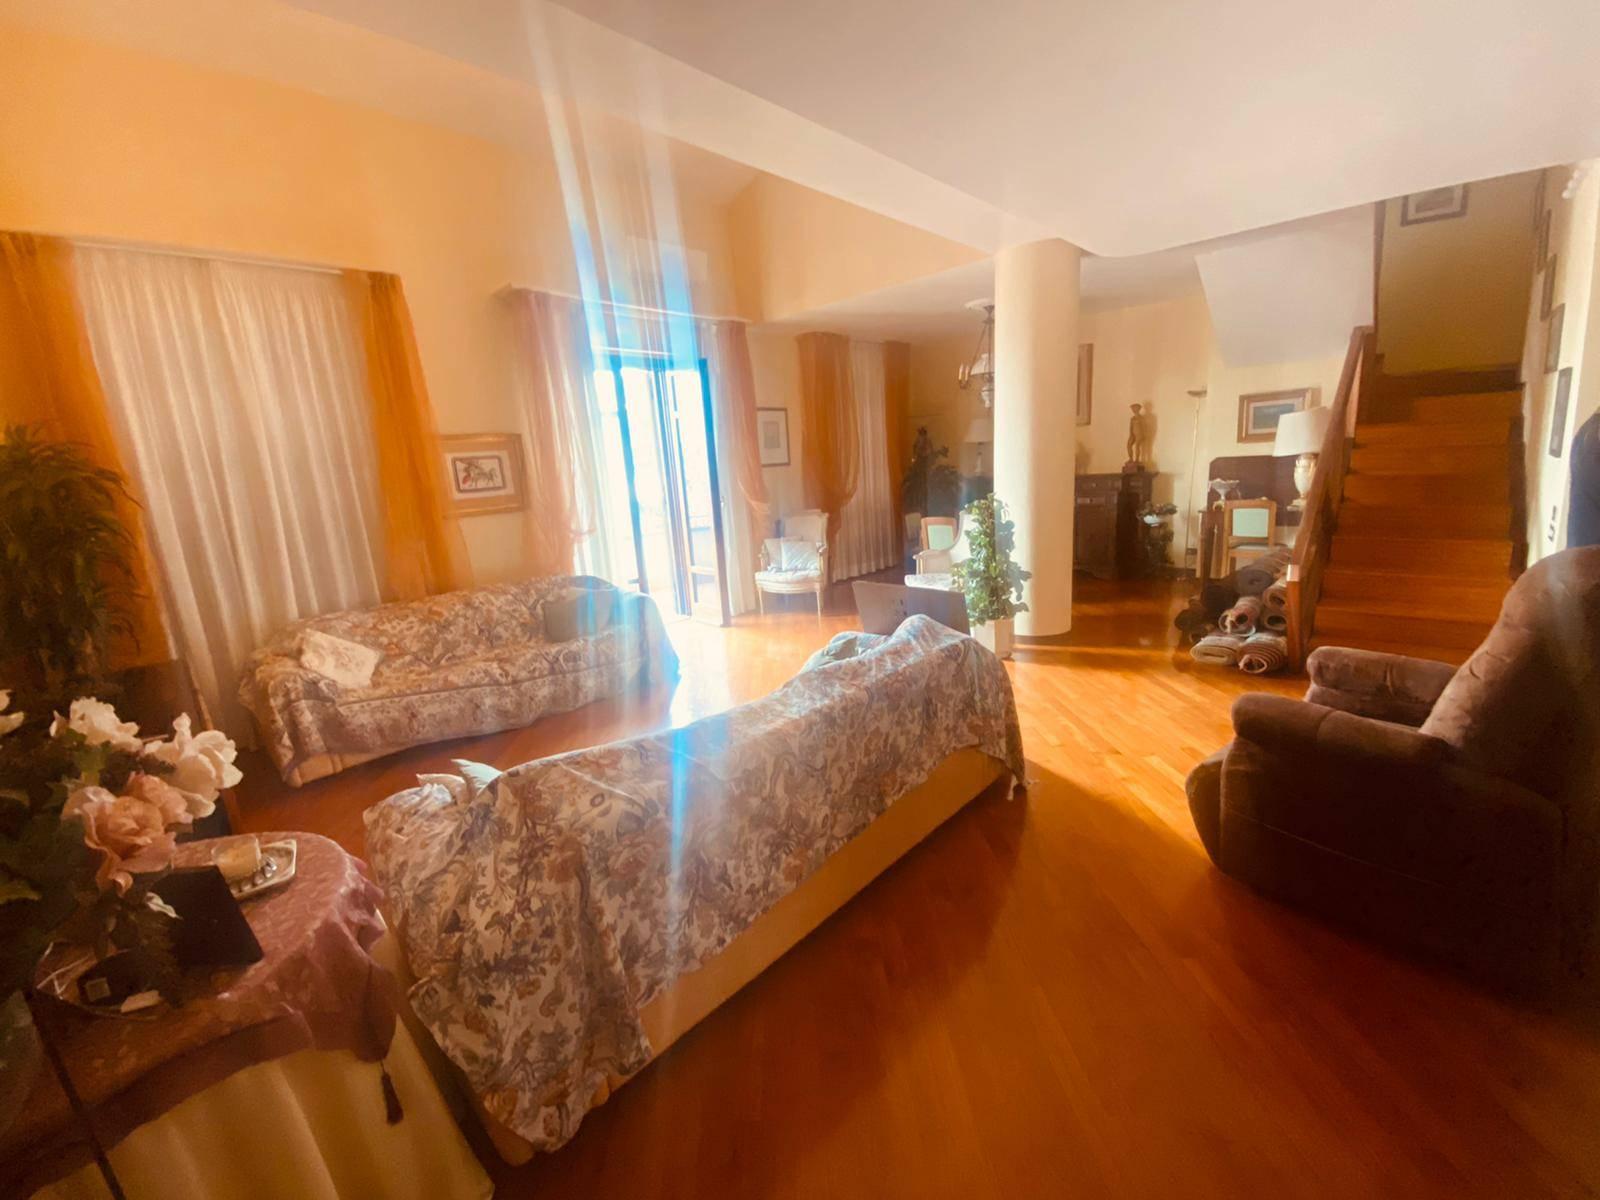 Attico / Mansarda in vendita a Prato, 8 locali, zona ellina, prezzo € 900.000   PortaleAgenzieImmobiliari.it